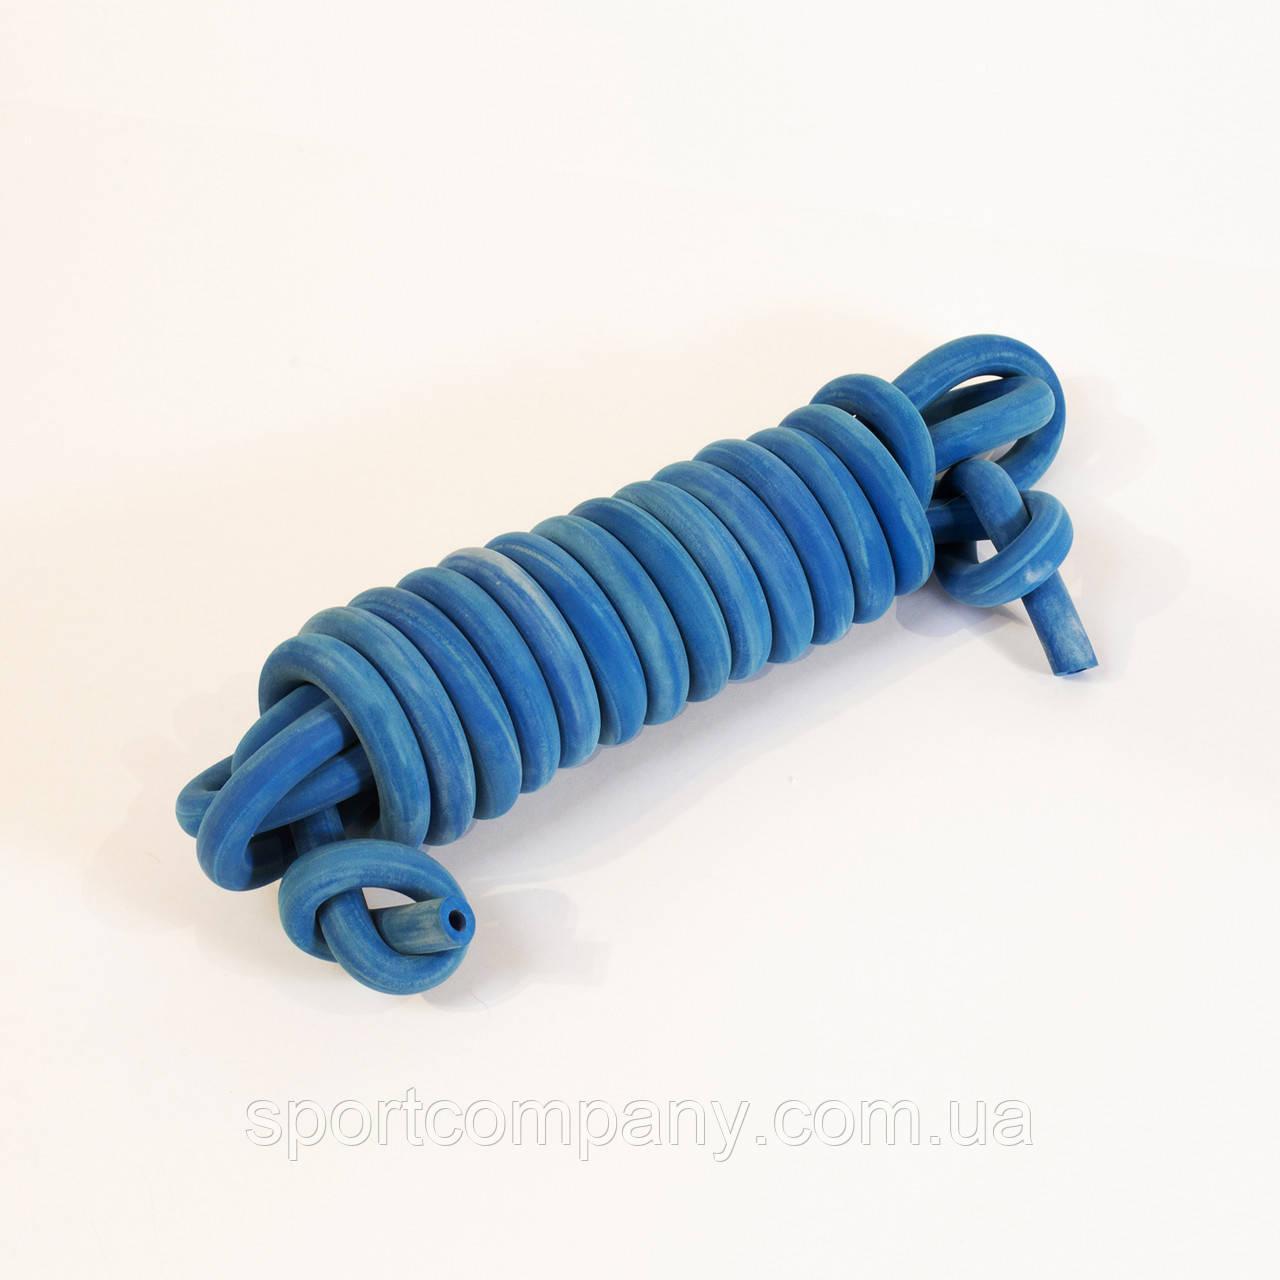 Жгут резиновый трубчатый спортивный ( резина, d-16 мм, I-1000 см, синий ) tr.blue16